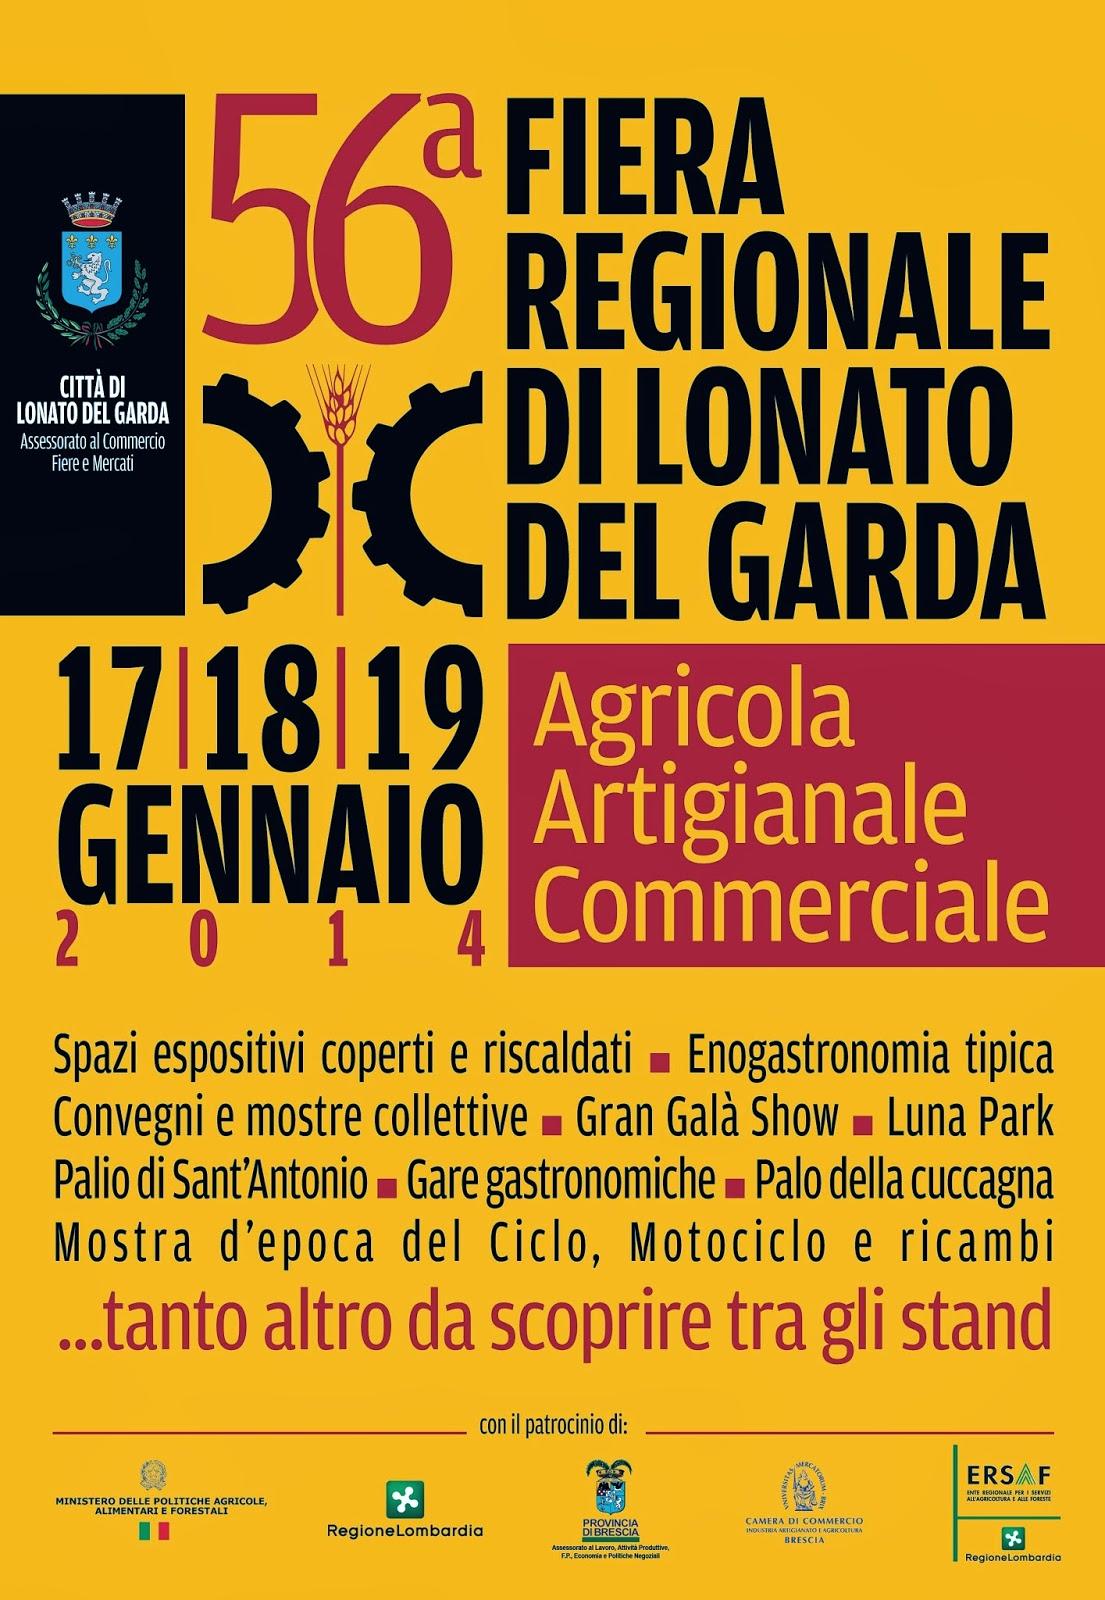 Fiera Di Roma International Estetica 2013 I Miei Acquisti: FraGar Comunicazione.eventi: Lonato Del Garda: Sant